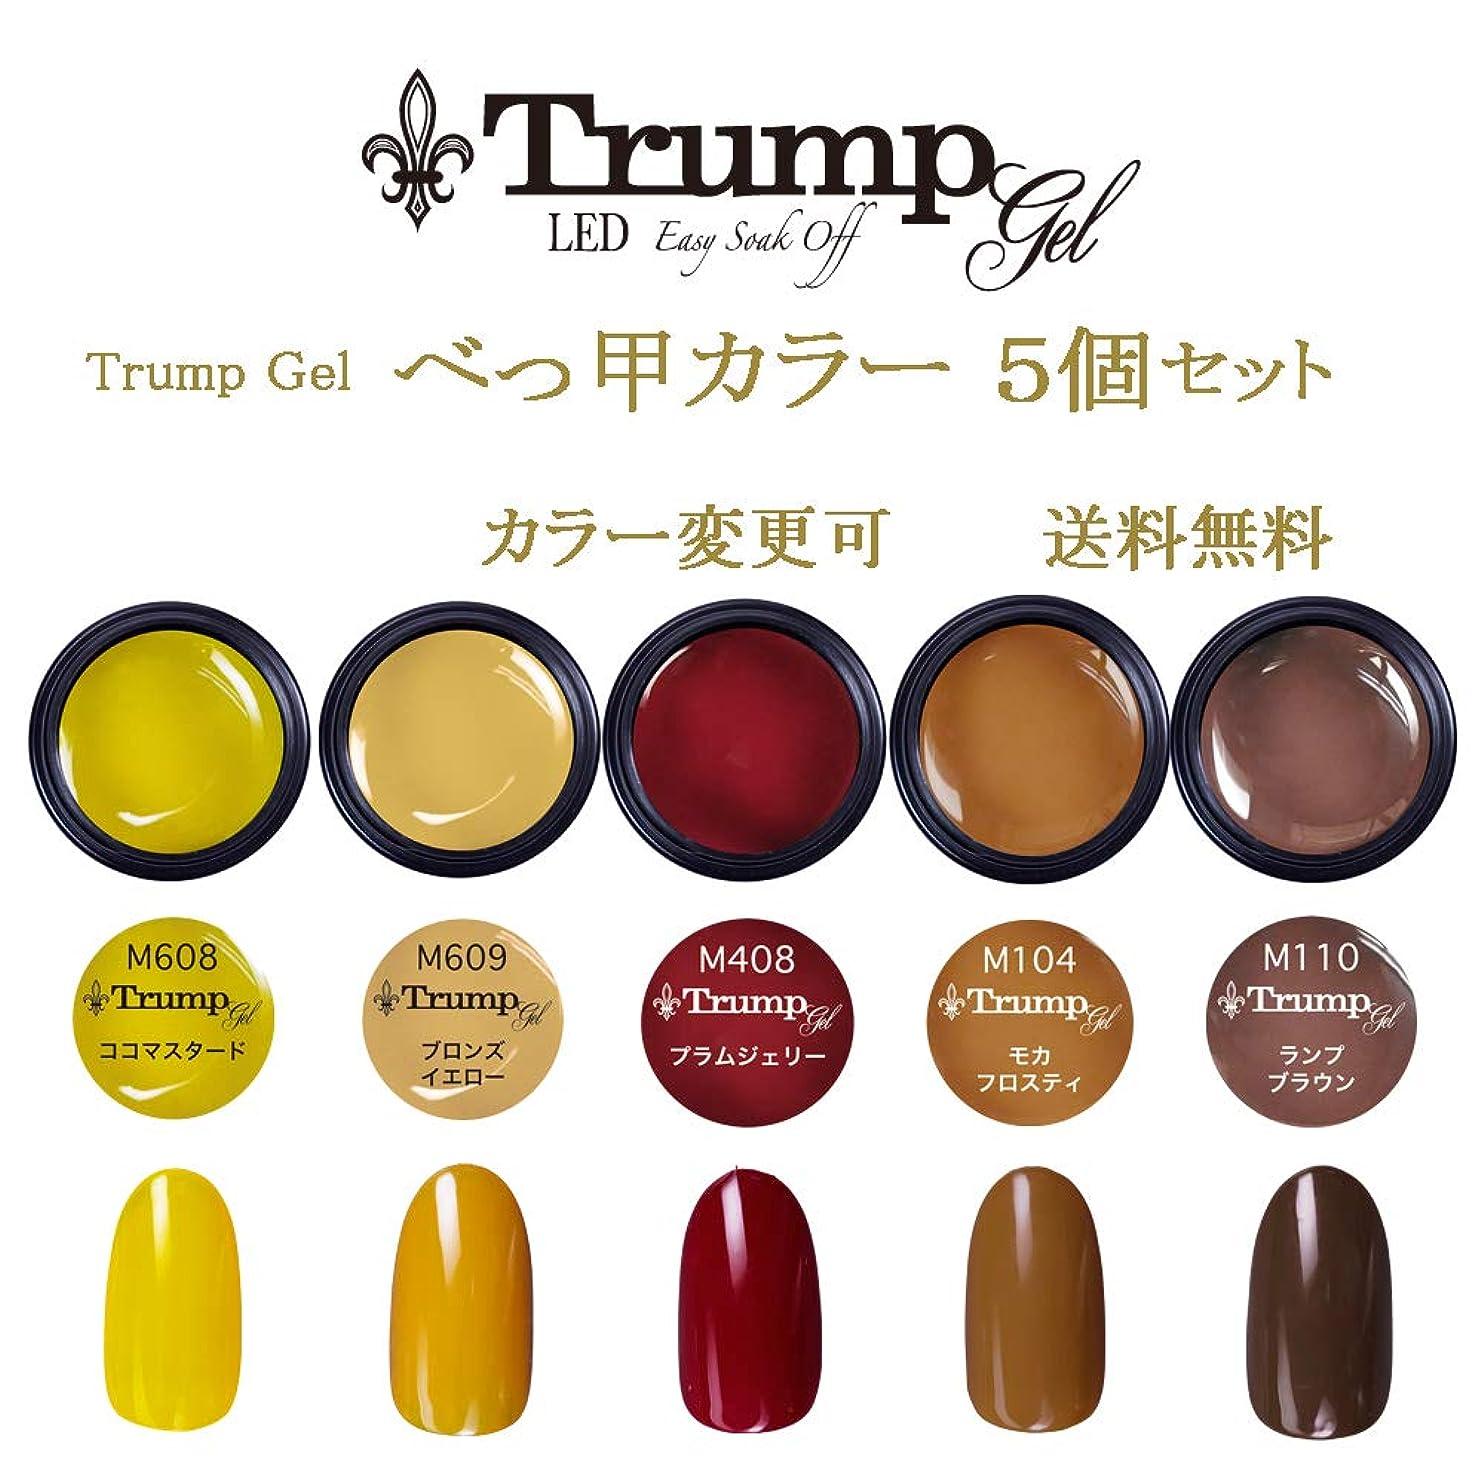 分数れんが医療過誤【送料無料】日本製 Trump gel トランプジェル べっ甲カラー ブラウン系 選べる カラージェル 5個セット べっ甲ネイル ベージュ ブラウン マスタード カラー